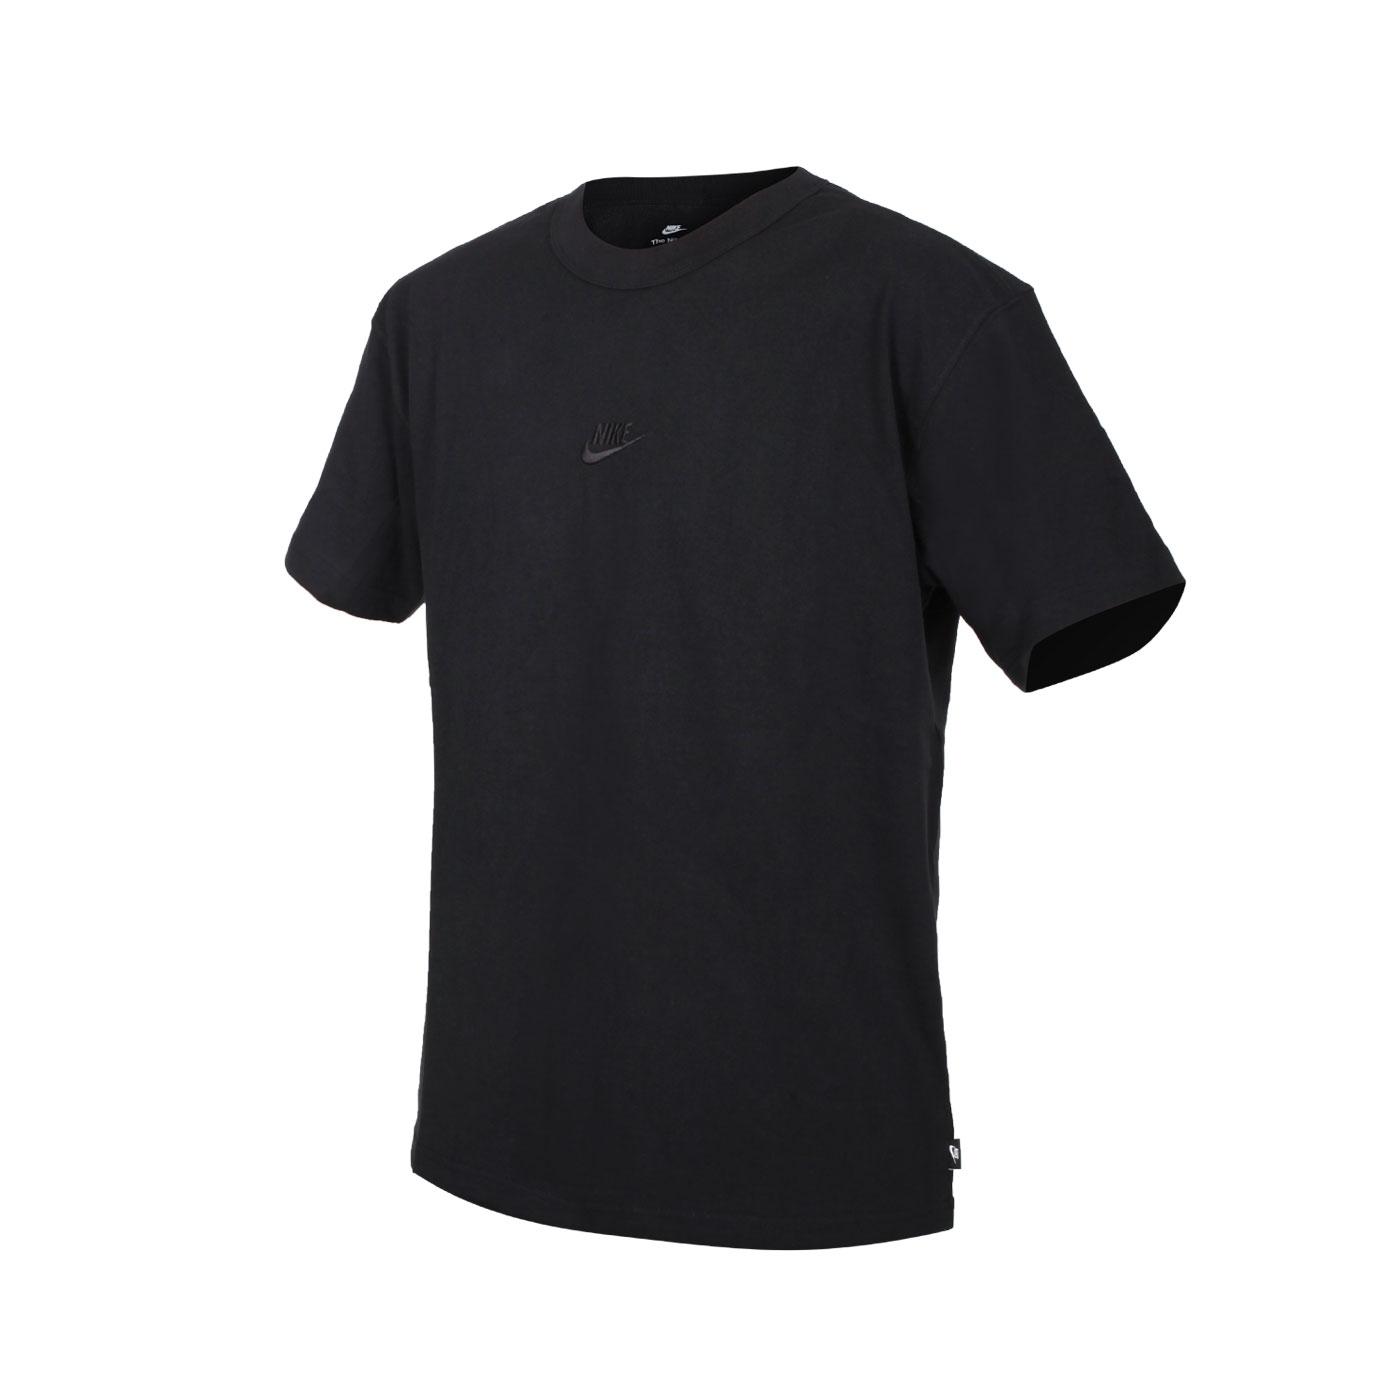 NIKE 男款短袖T恤 DB3194-010